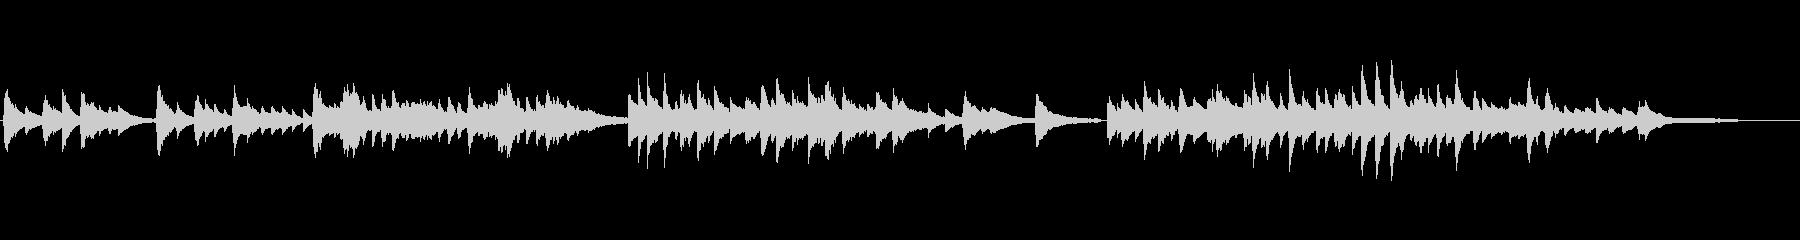 ピアノソロアドリブの未再生の波形